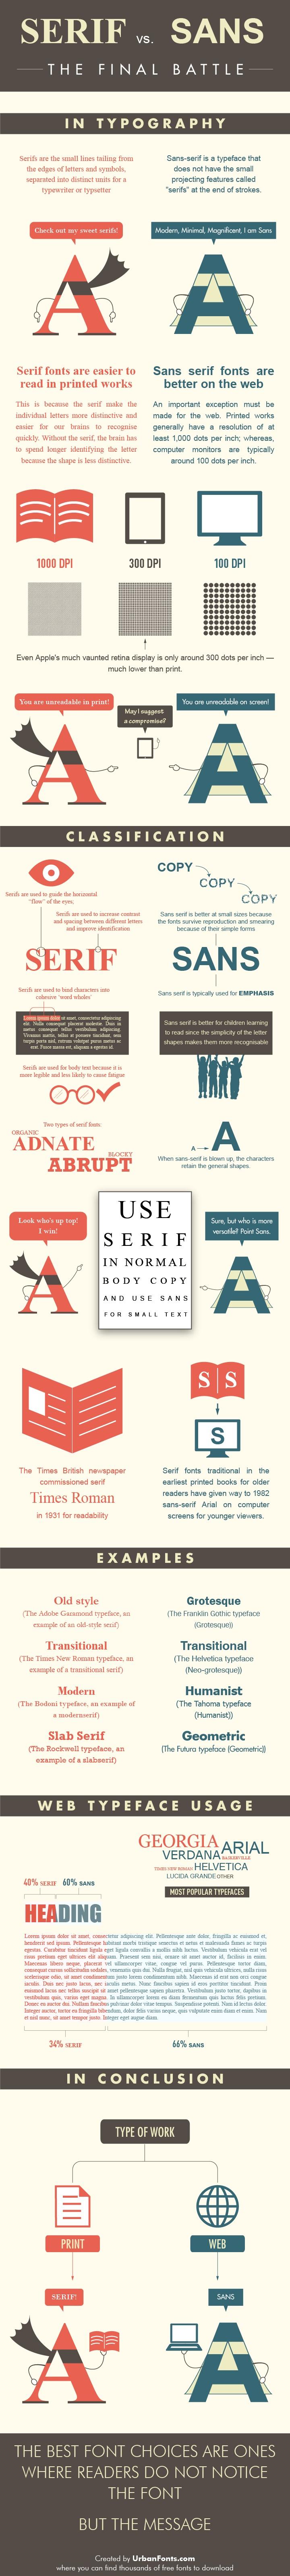 serif-versus-sans